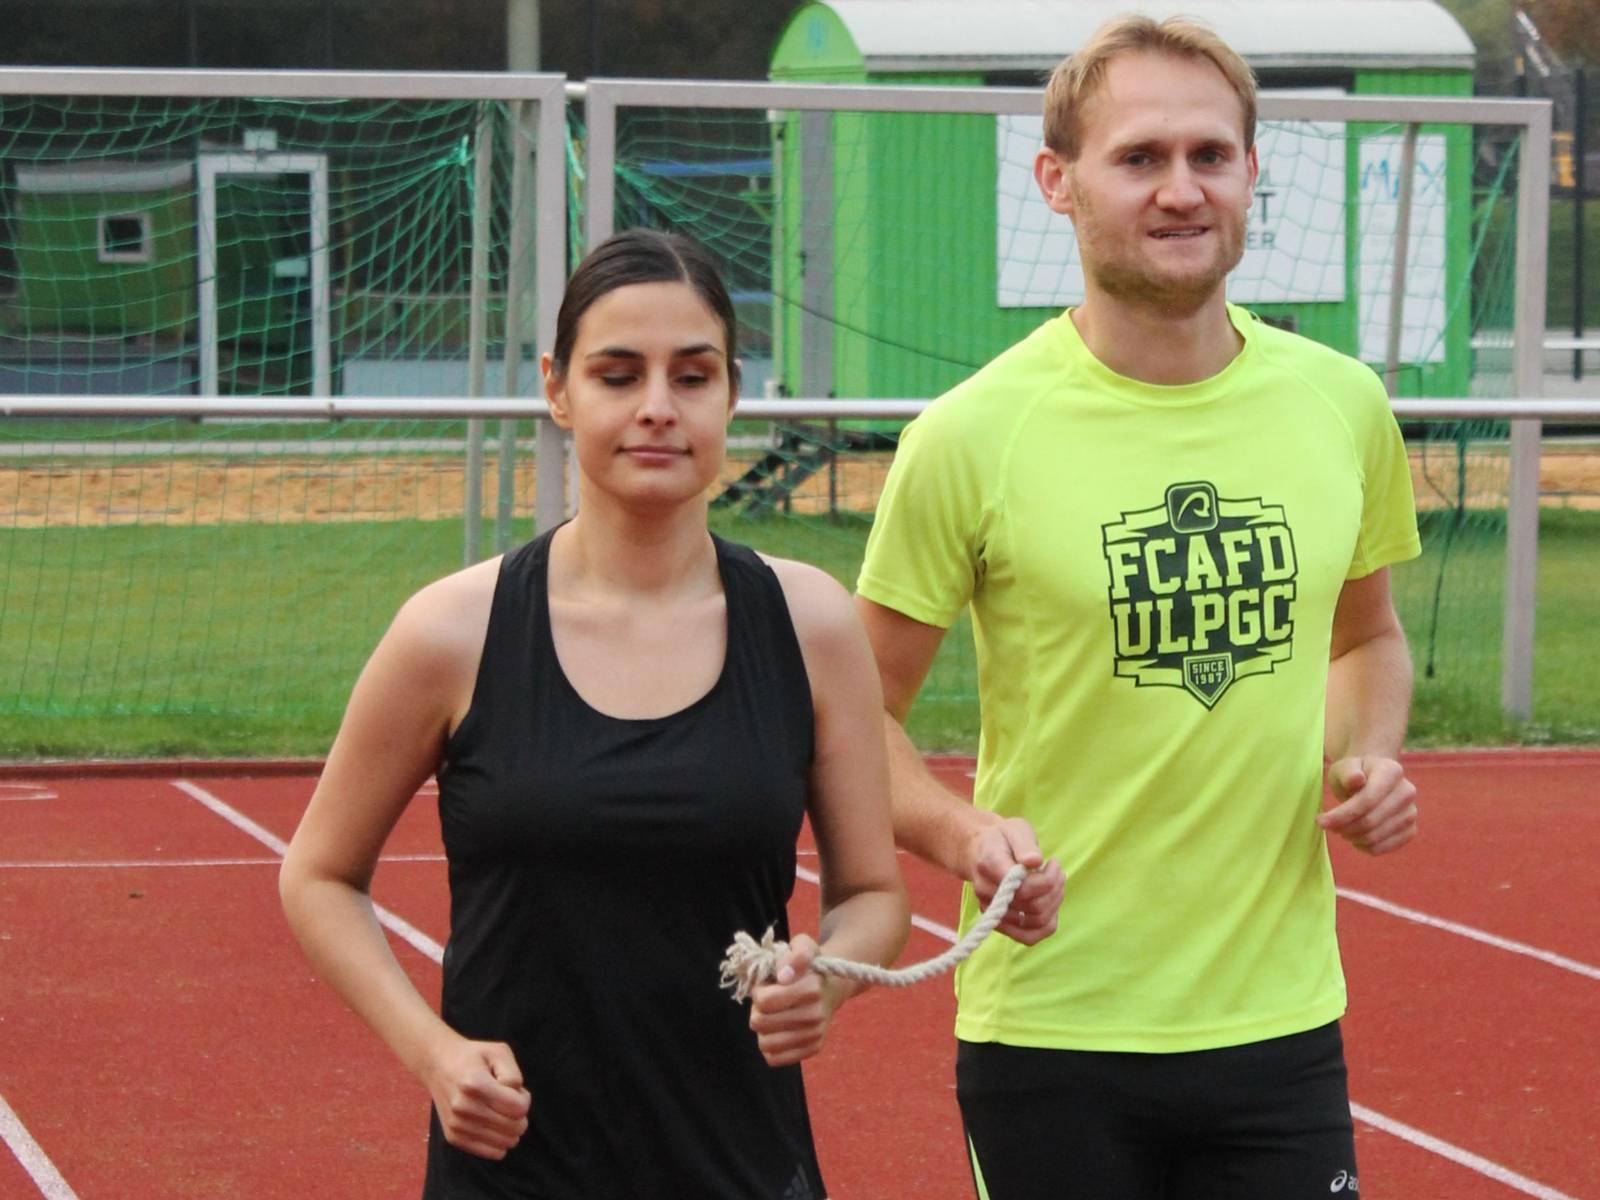 Eine Frau und ein Mann beim Laufen, beide halten ein Seil in den Händen.